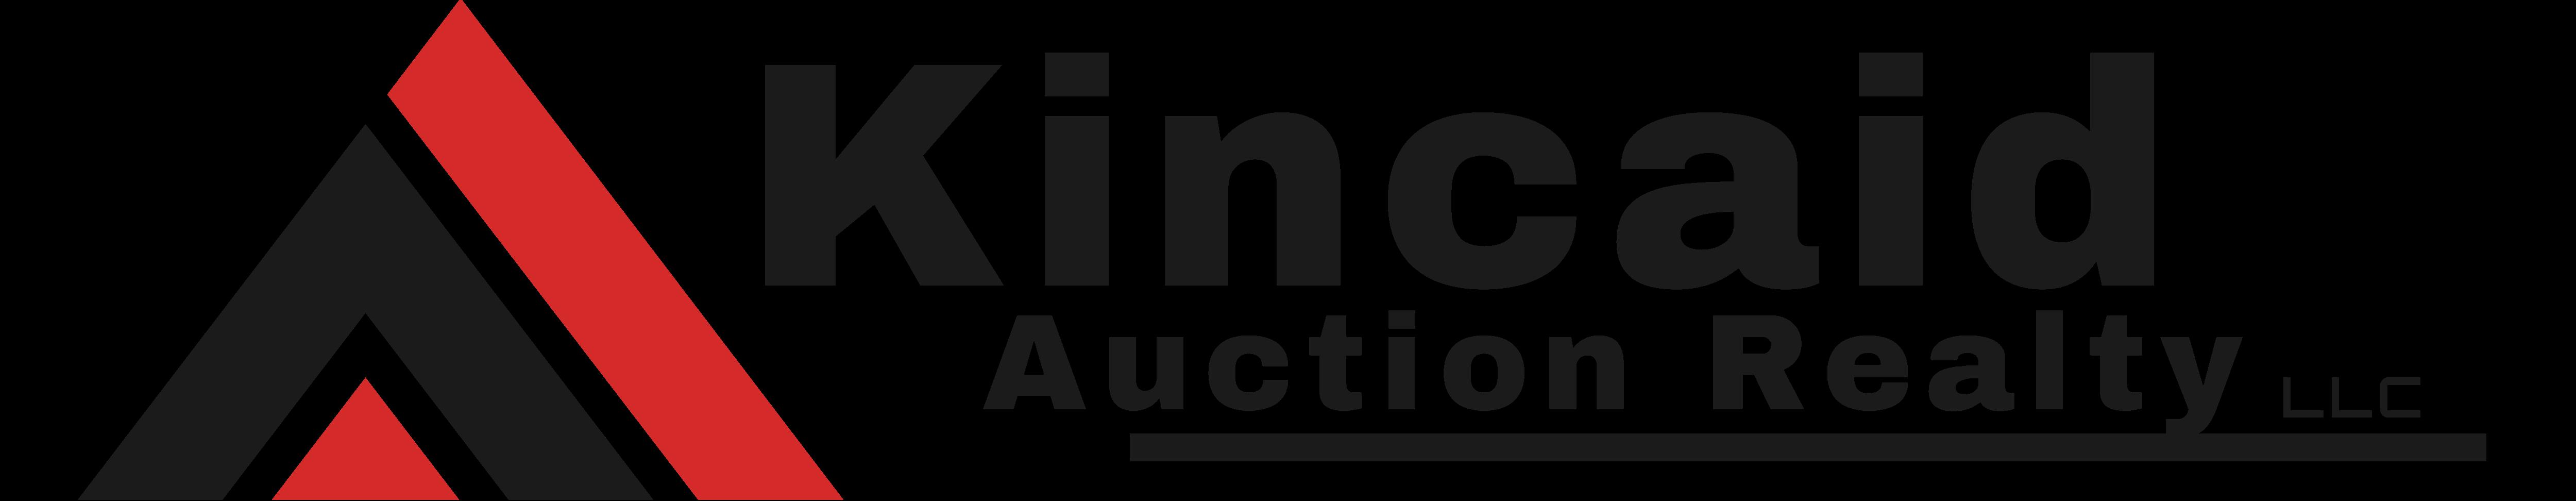 Kincaid Auction Realty LLC